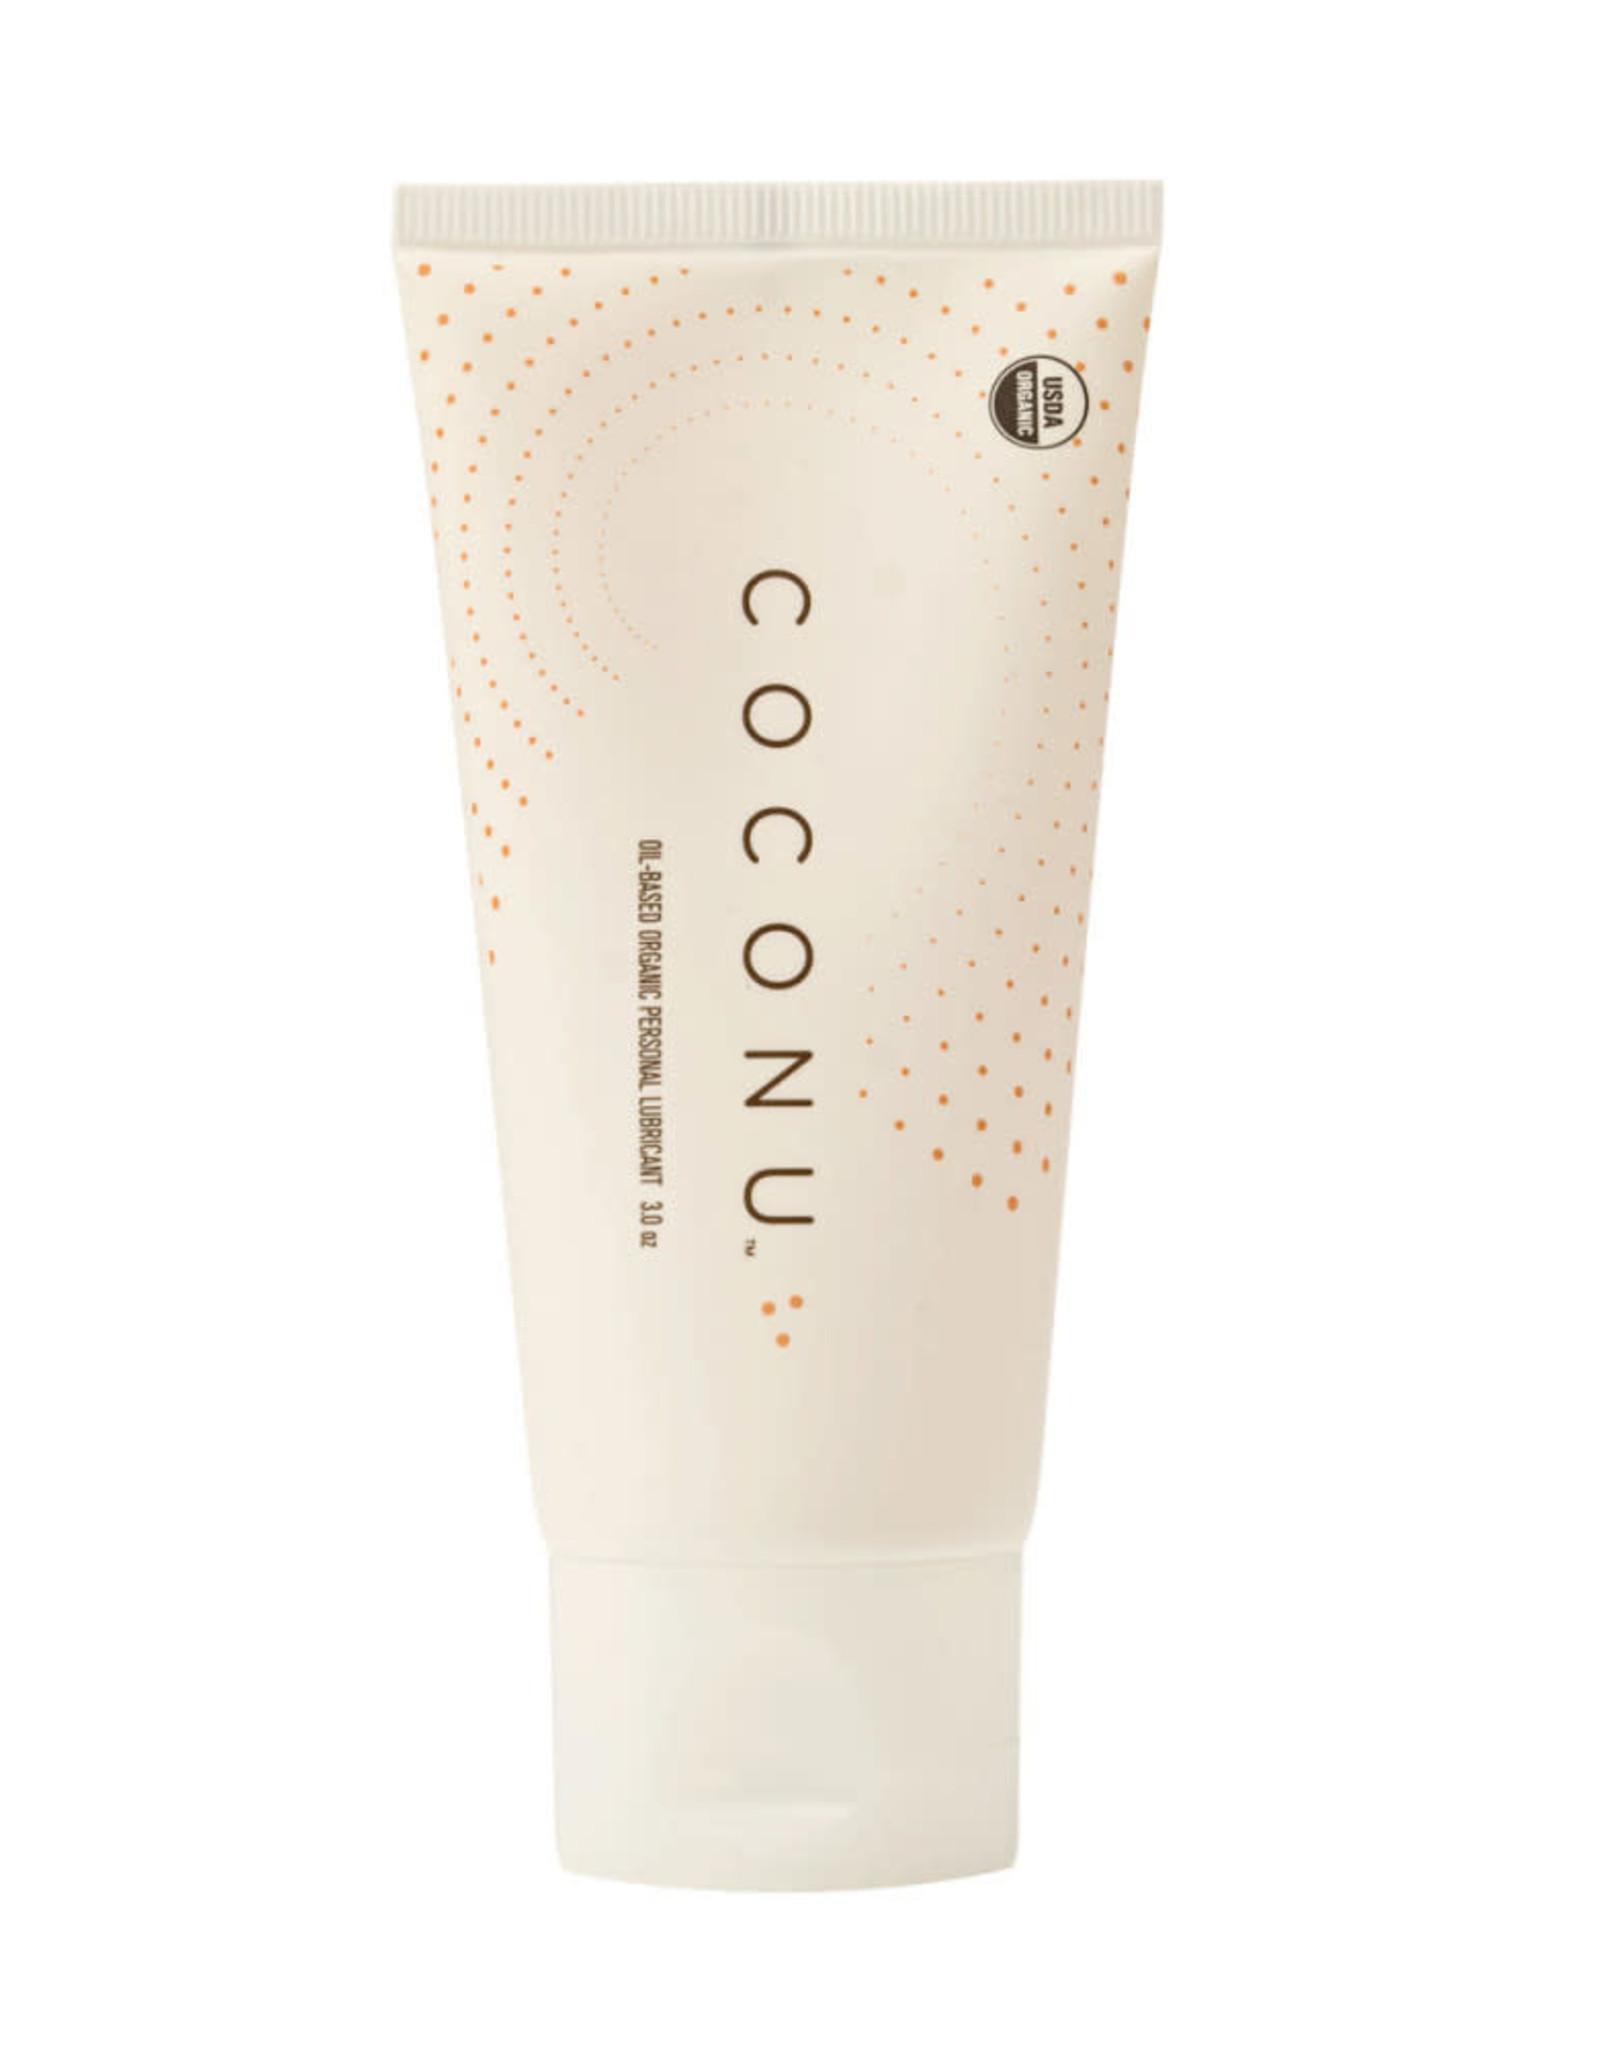 Coconu Coconu Oil Based Lubricant